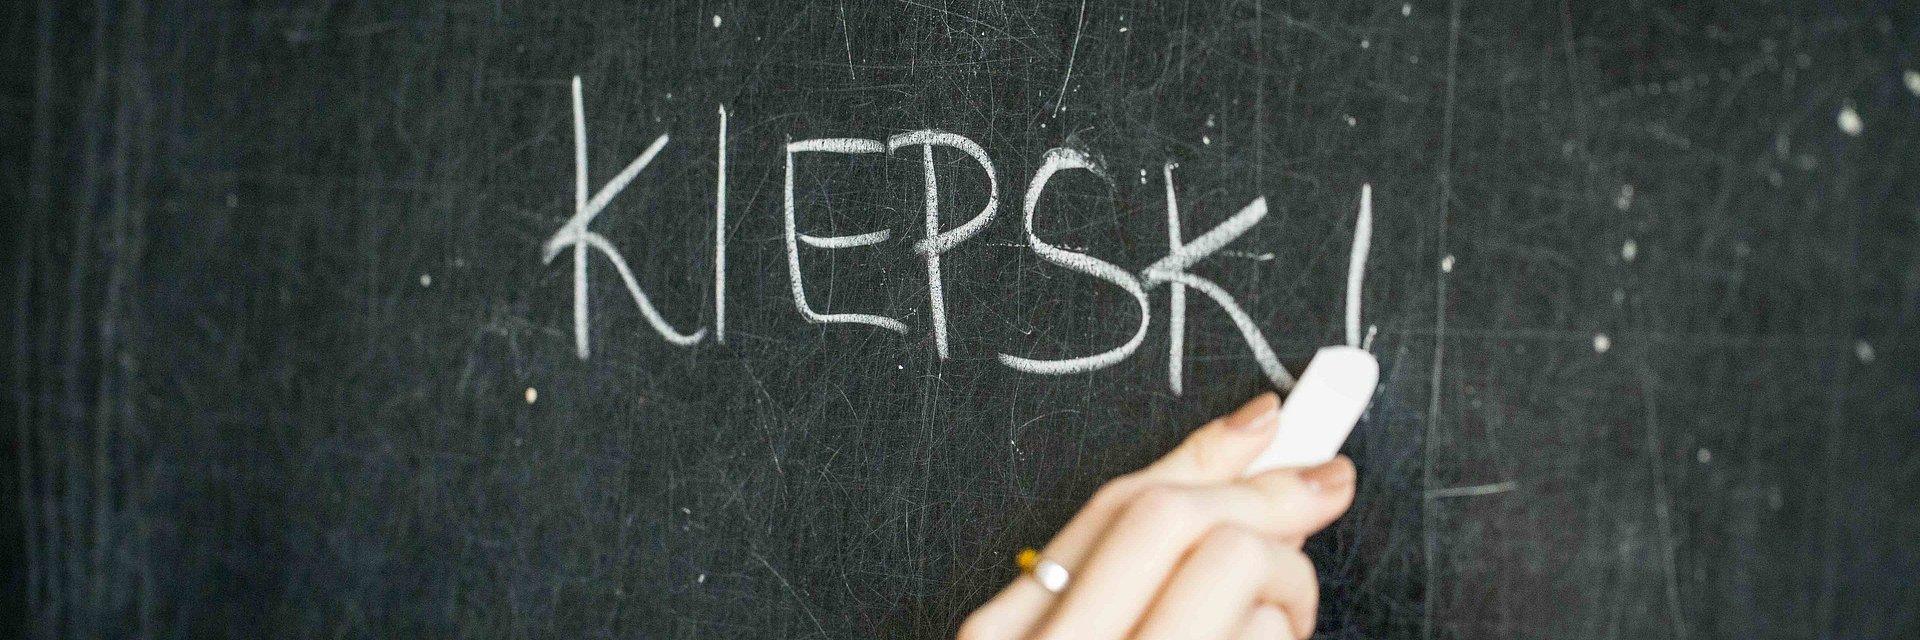 UŁ komentuje: Zapomniane słowa - Kiepski